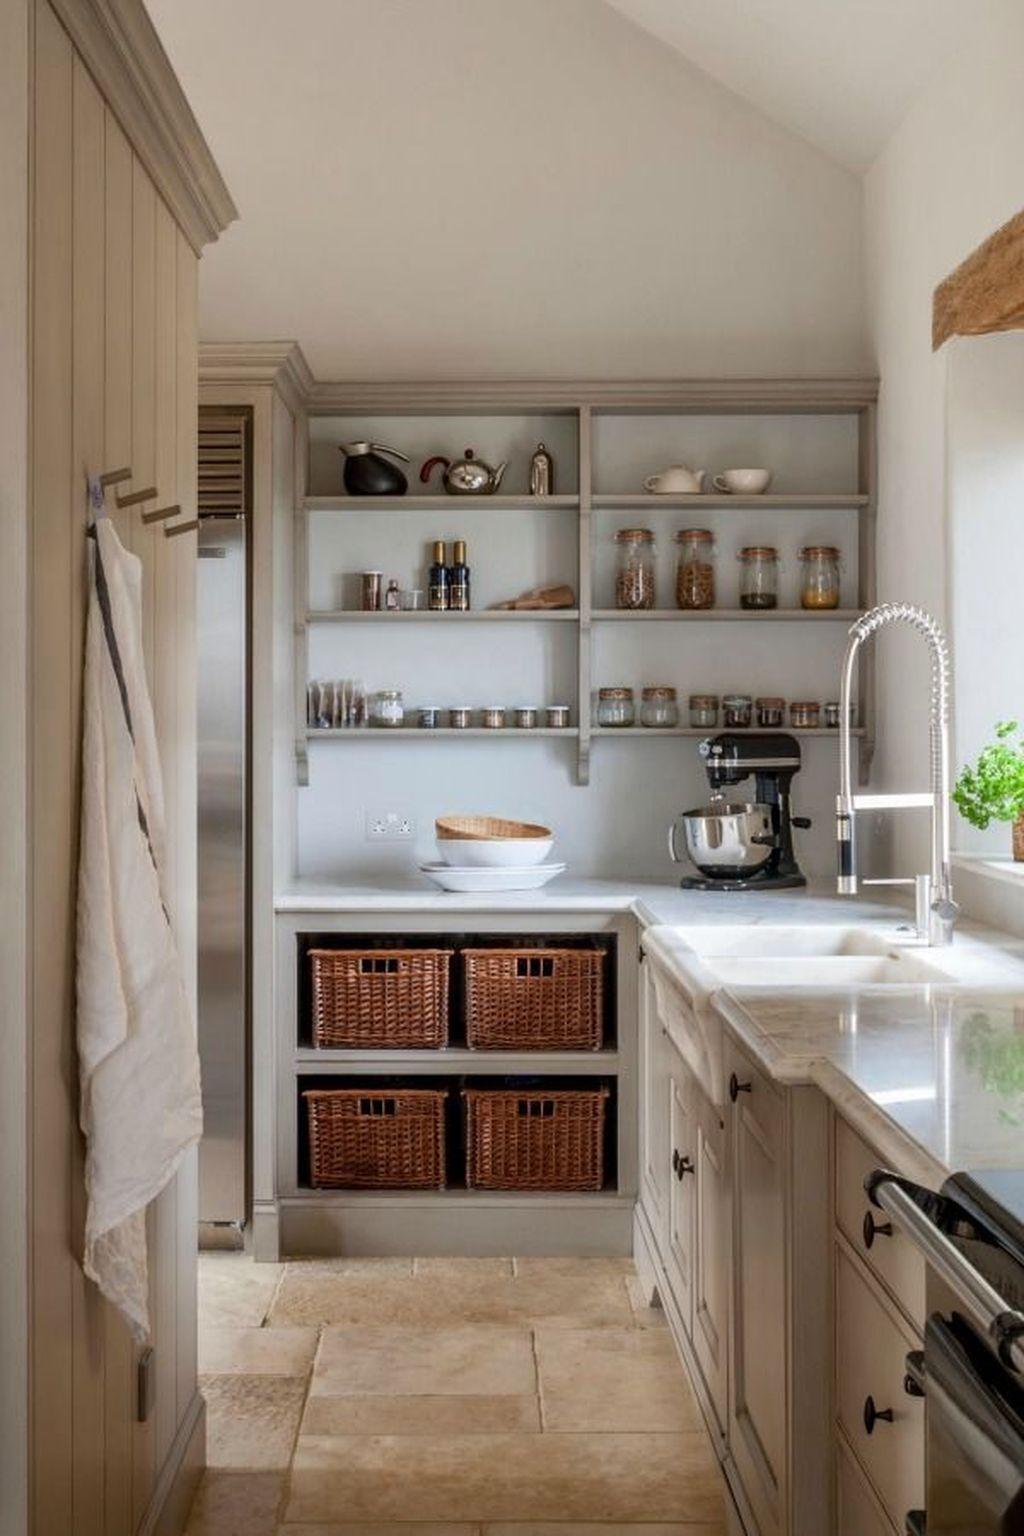 Amazing Organized Farmhouse Kitchen Decor Ideas 48